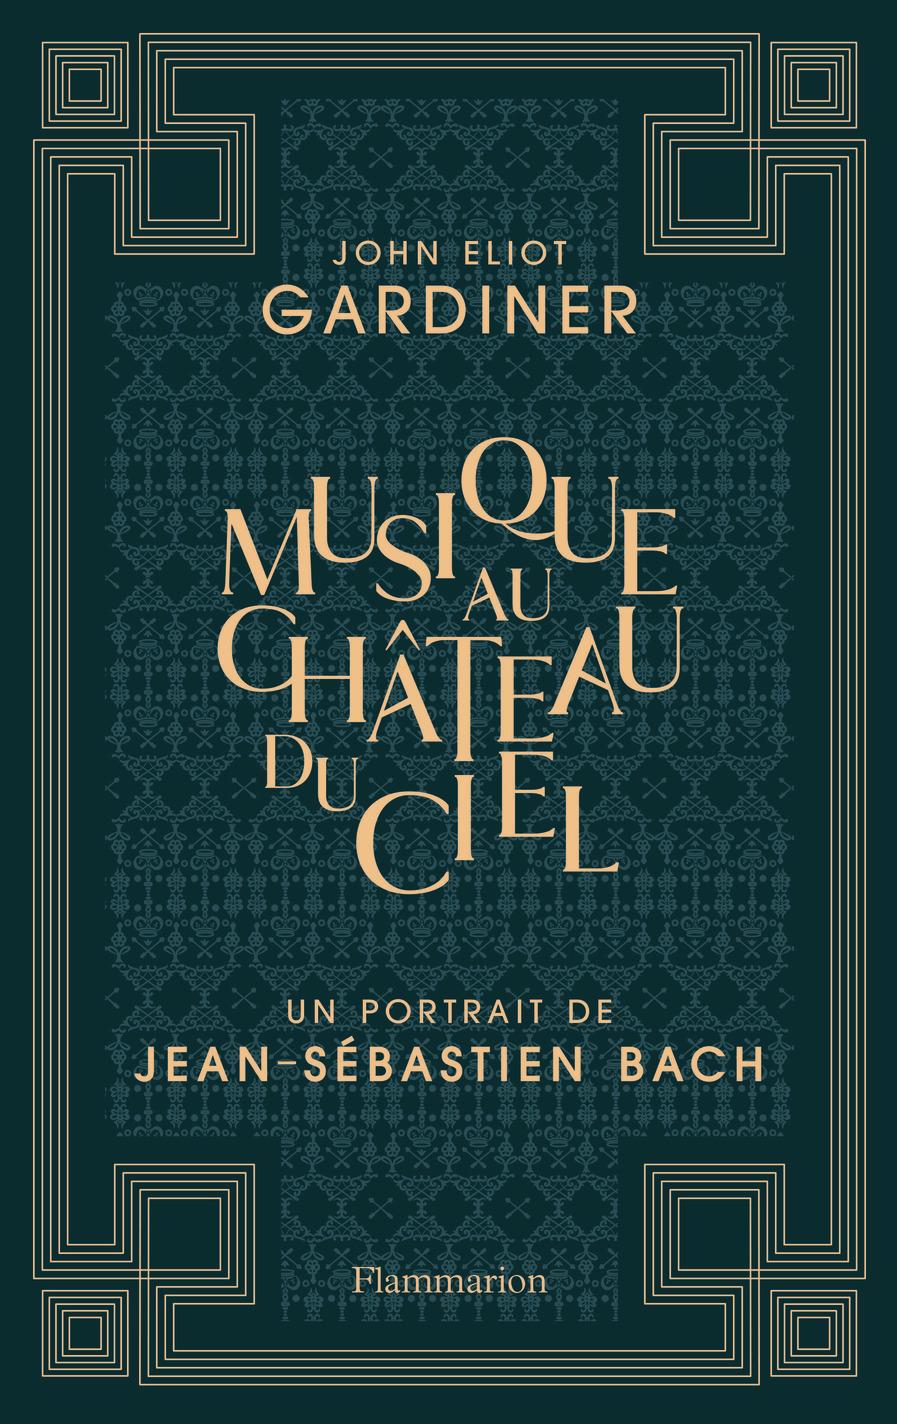 MUSIQUE AU CHATEAU DU CIEL - UN PORTRAIT DE JEAN-SEBASTIEN BACH